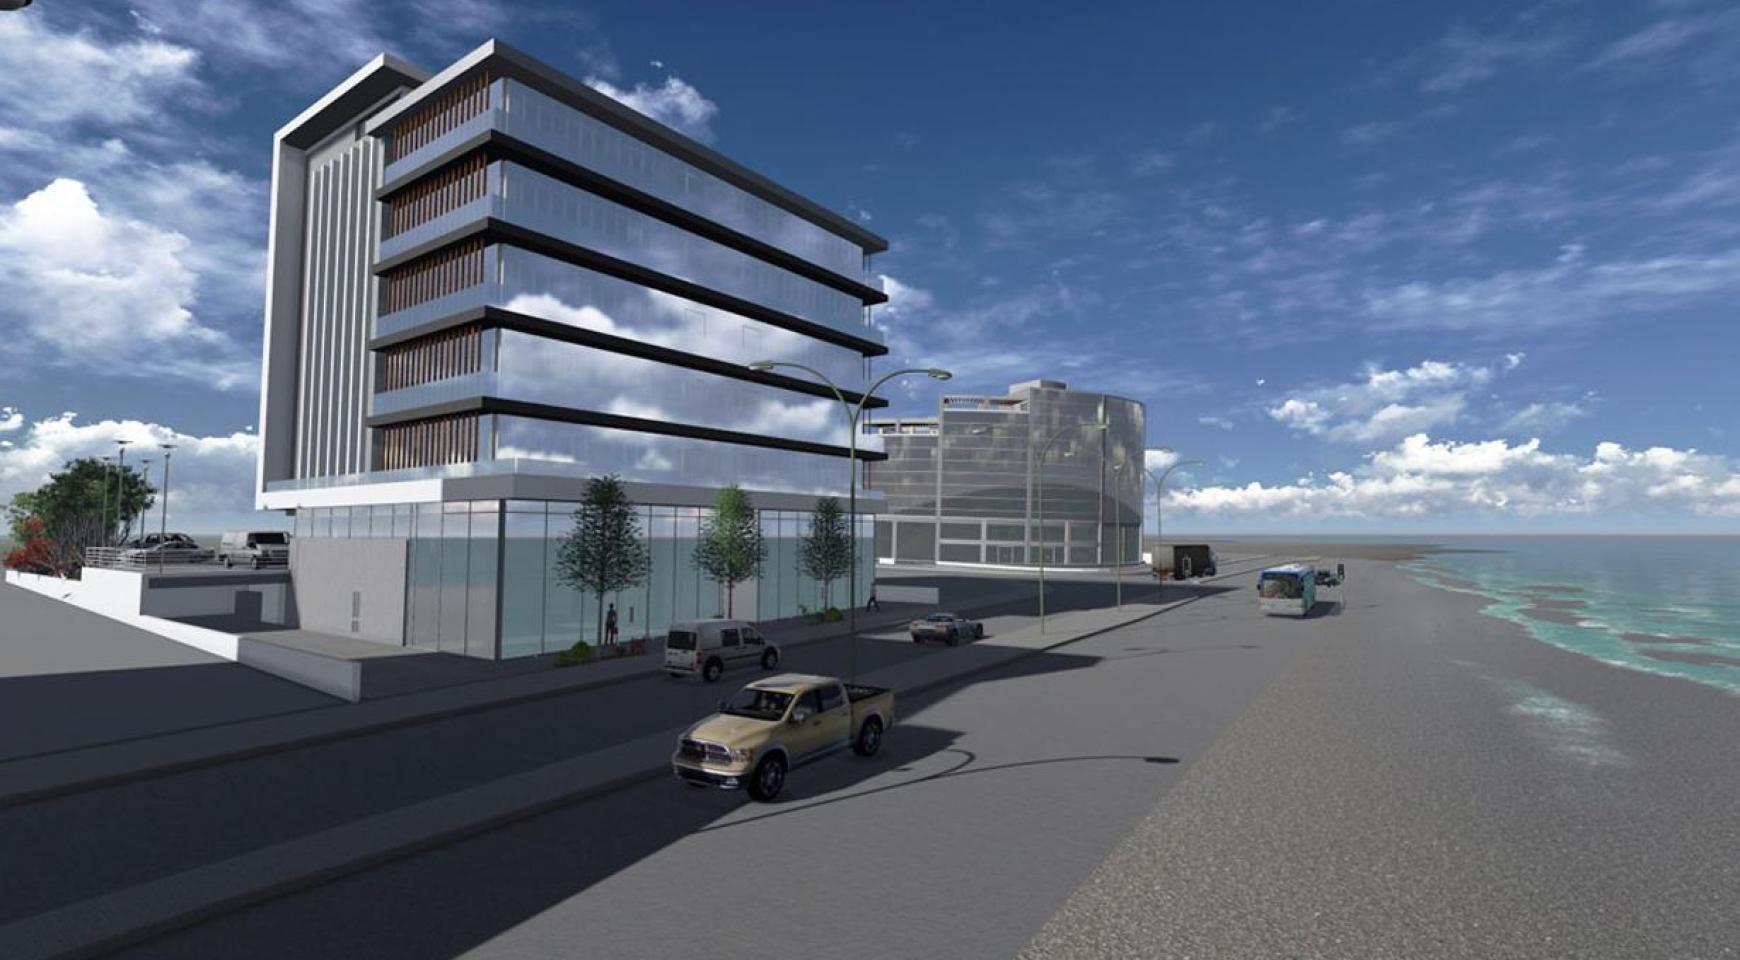 Новый Офис Класса Люкс в Престижном Расположении у Моря - 1